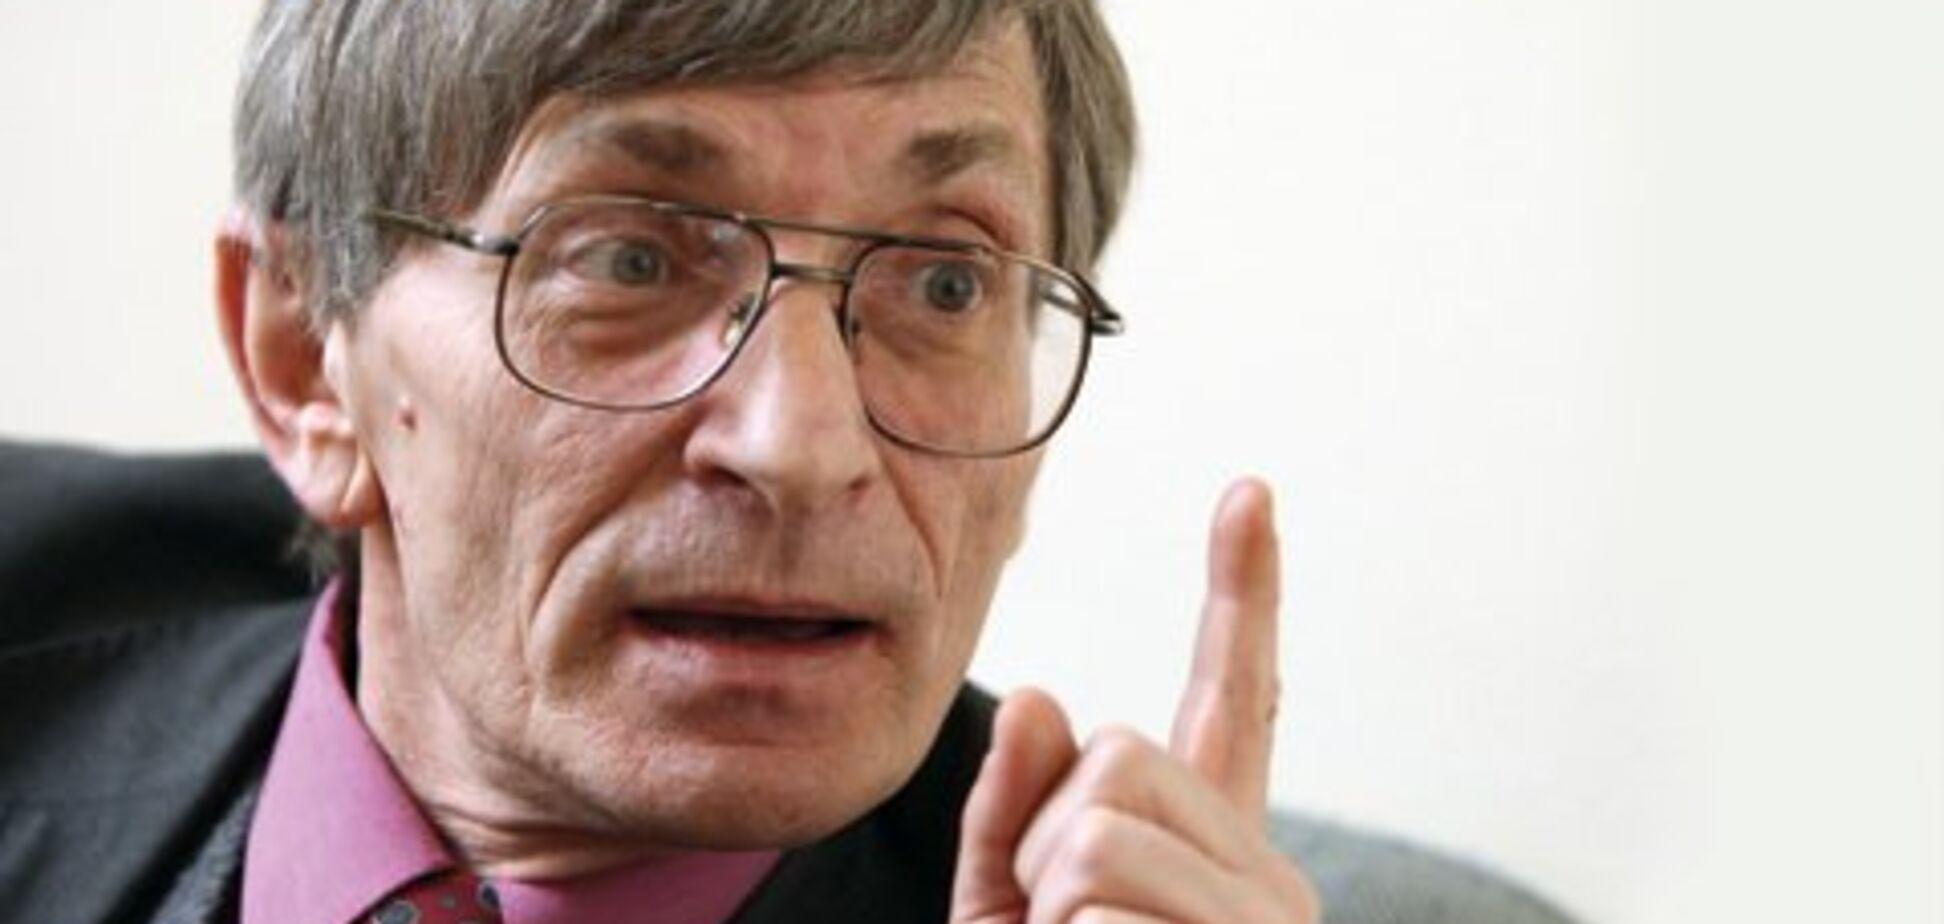 'Я о ней тоже не слышал': Головаха ответил 'слуге народа', которая обозвала его 'совком'